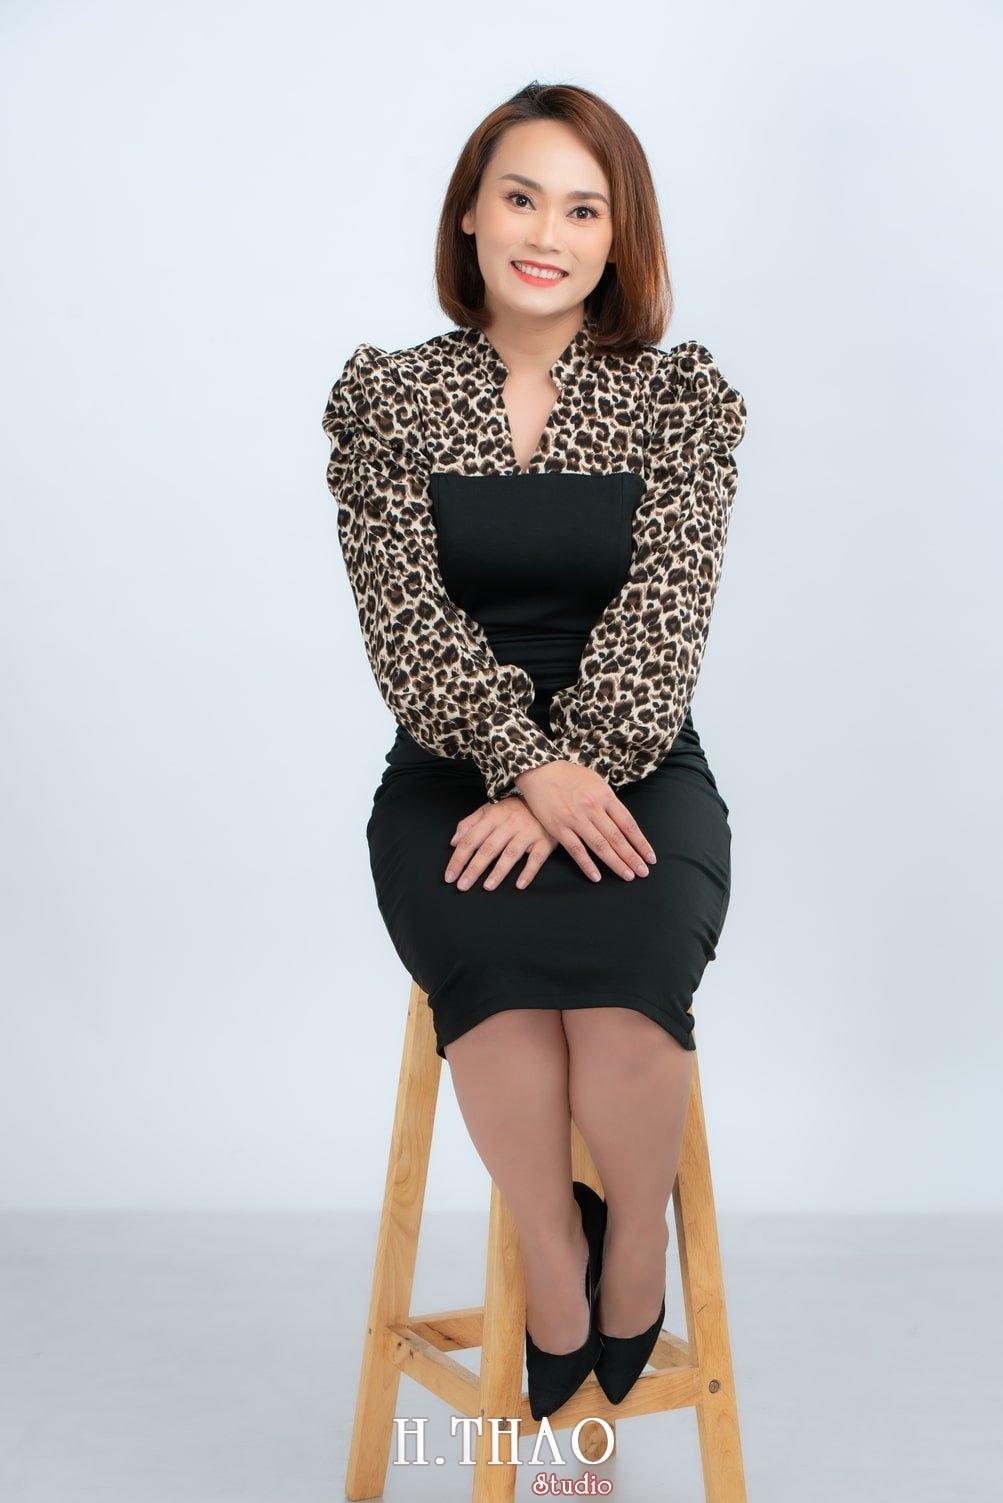 Anh Profile 10 - Album ảnh doanh nhân nữ: chị Kim đẹp nhẹ nhàng - HThao Studio